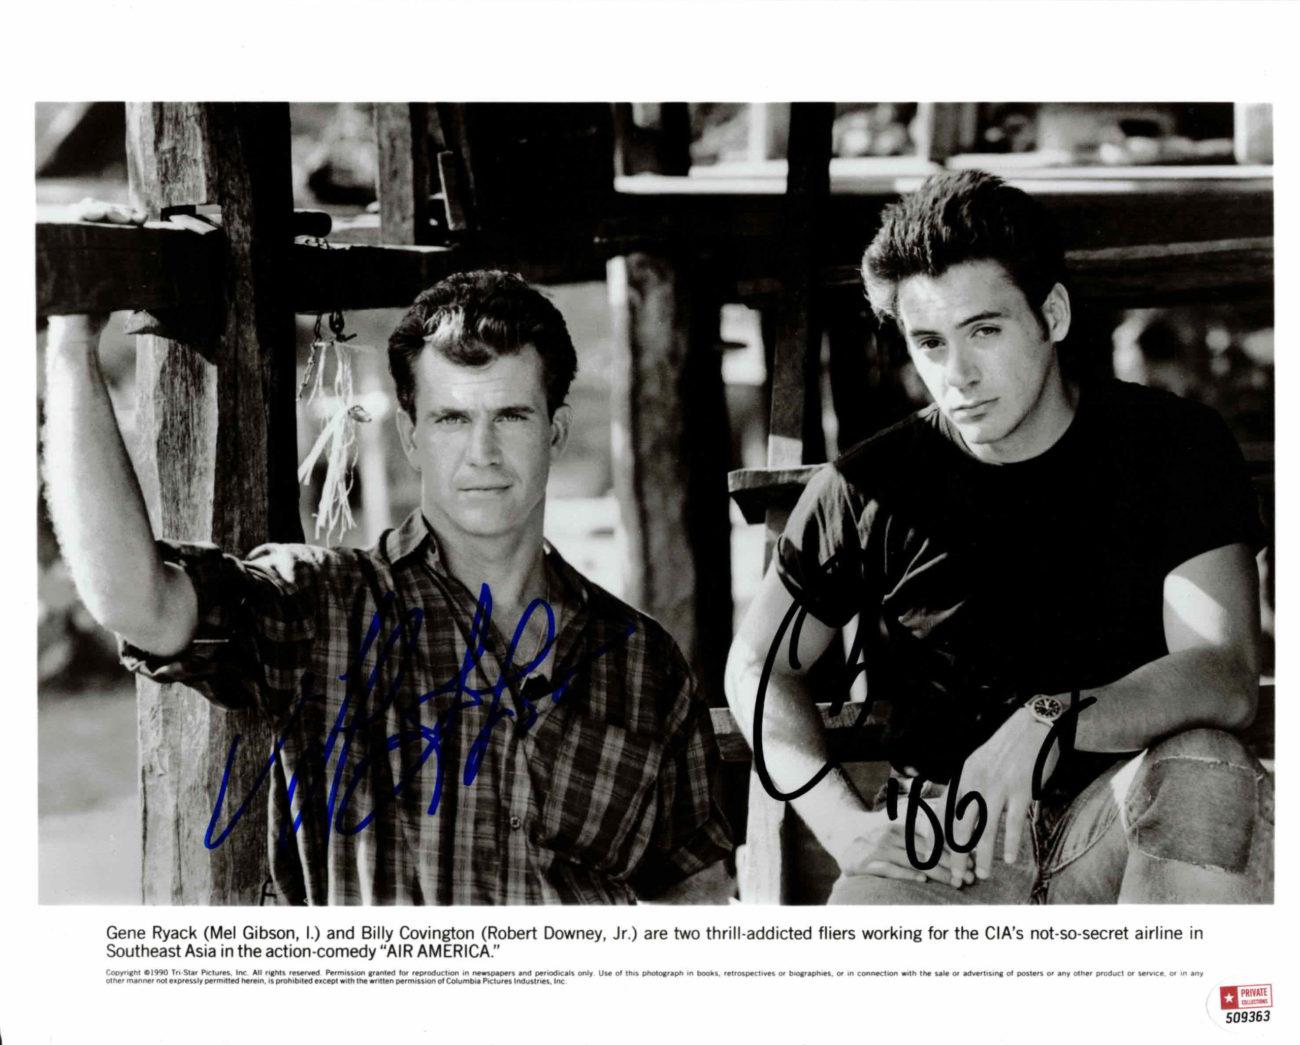 Mel Gibson & Robert Downey Jr. - autogram